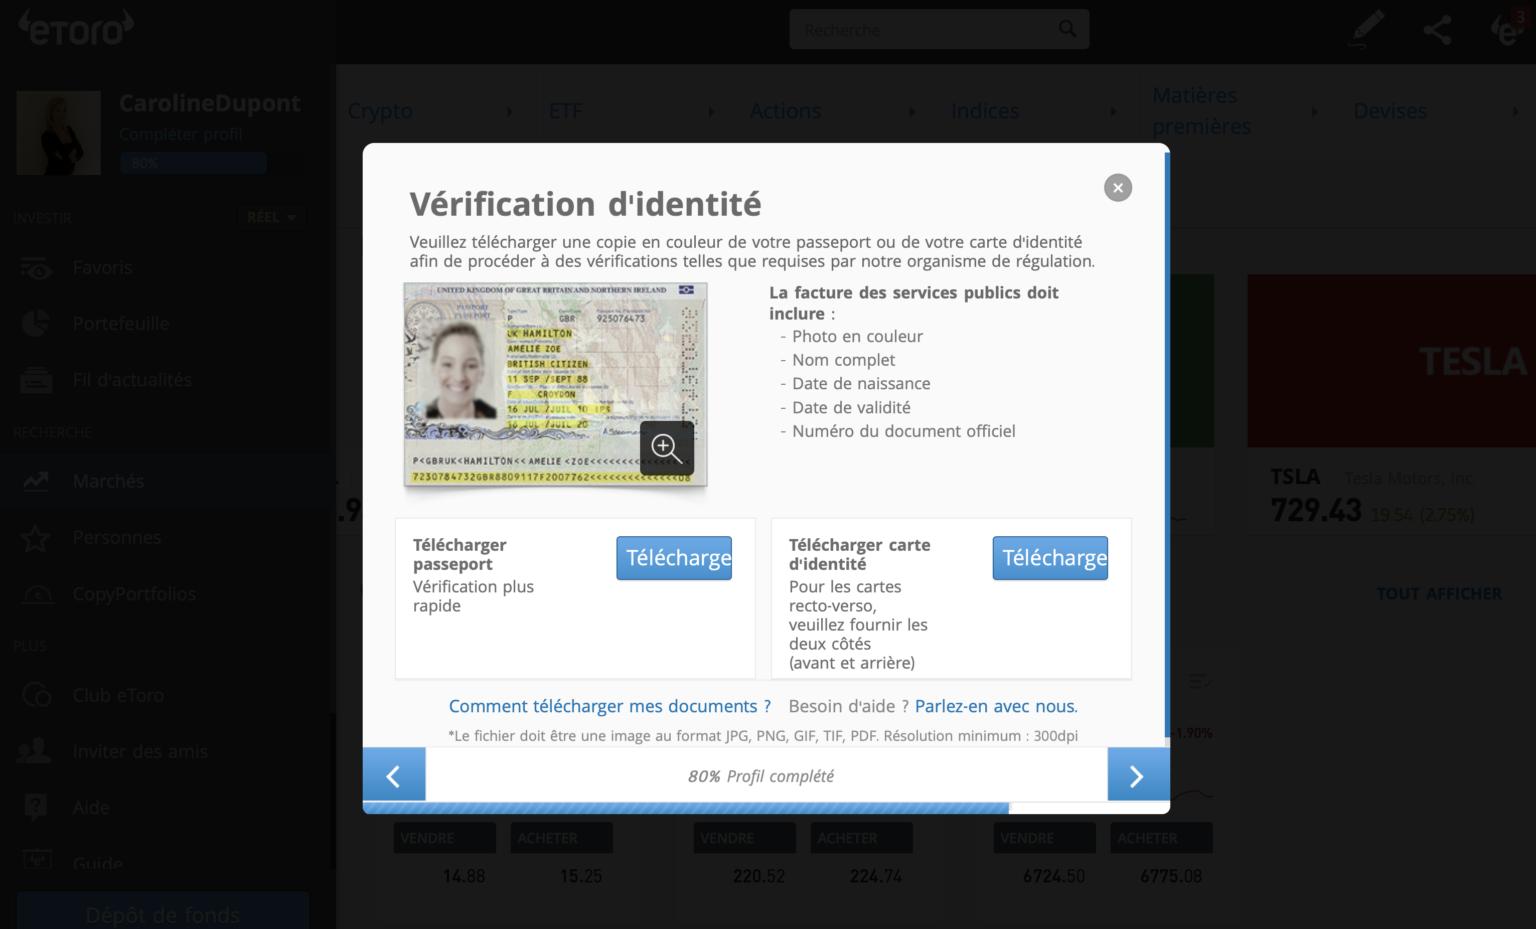 Vérifier identité sur eToro